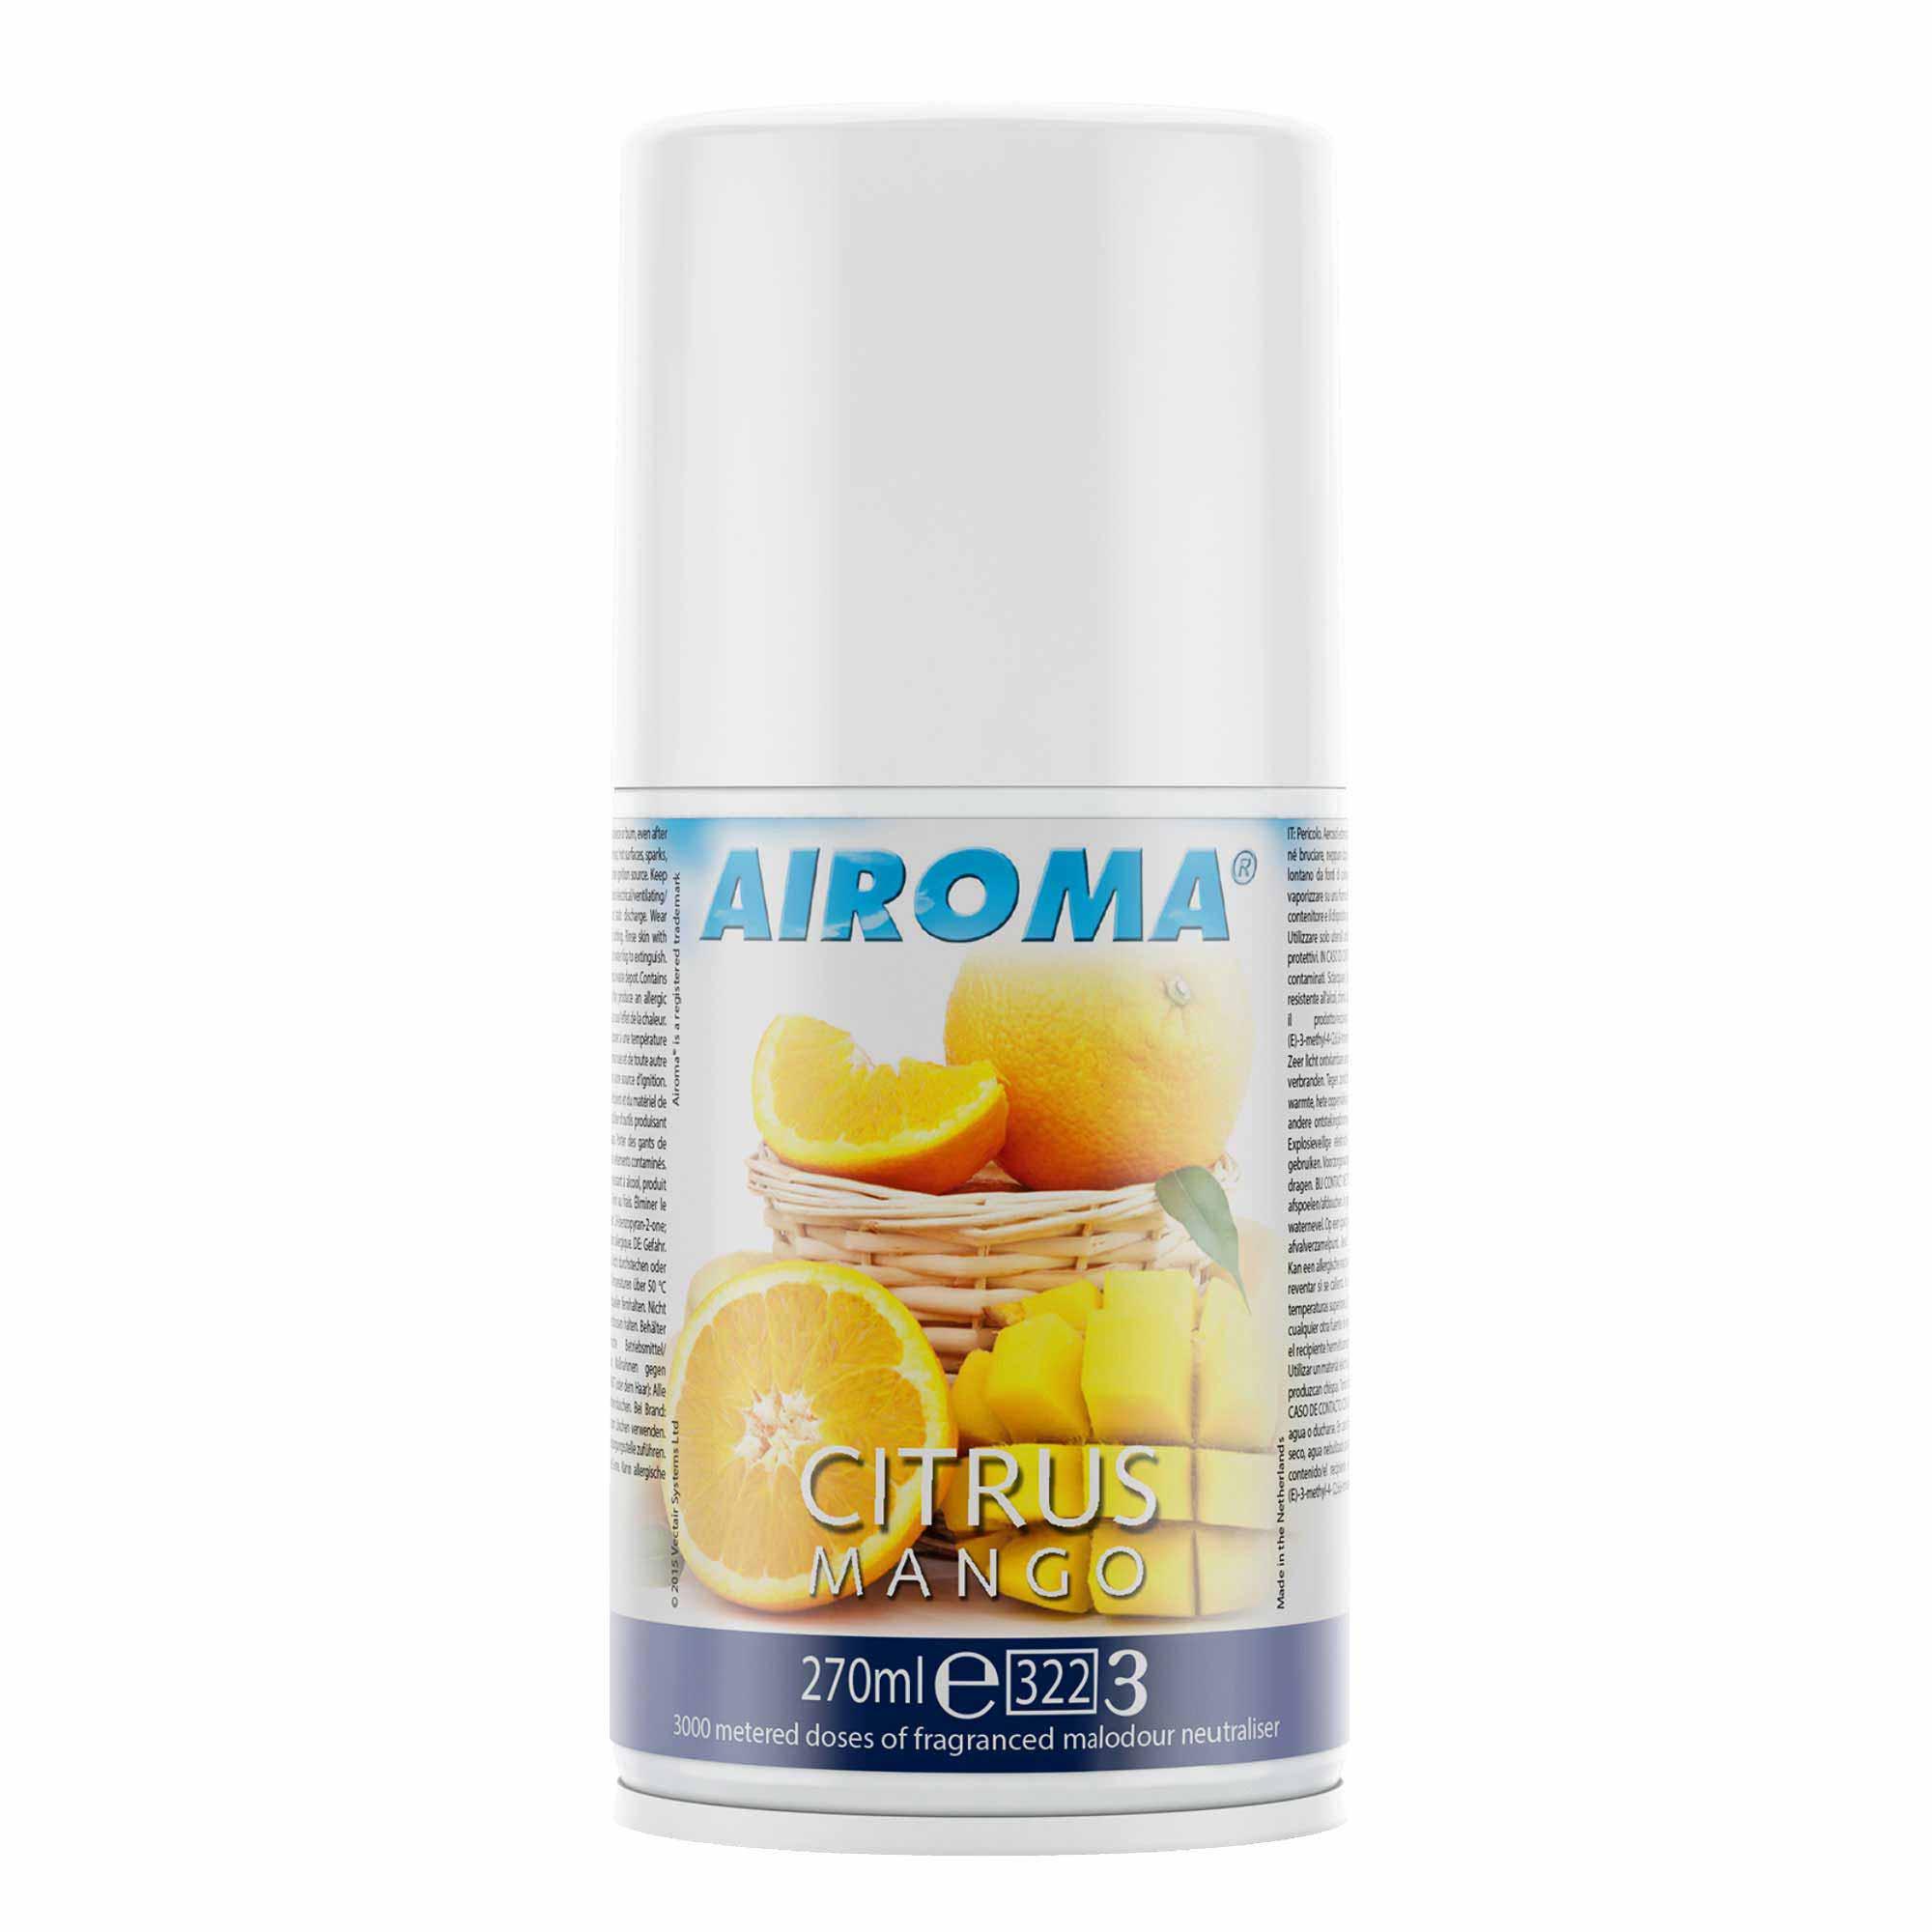 Airoma® Citrus Mango Refill